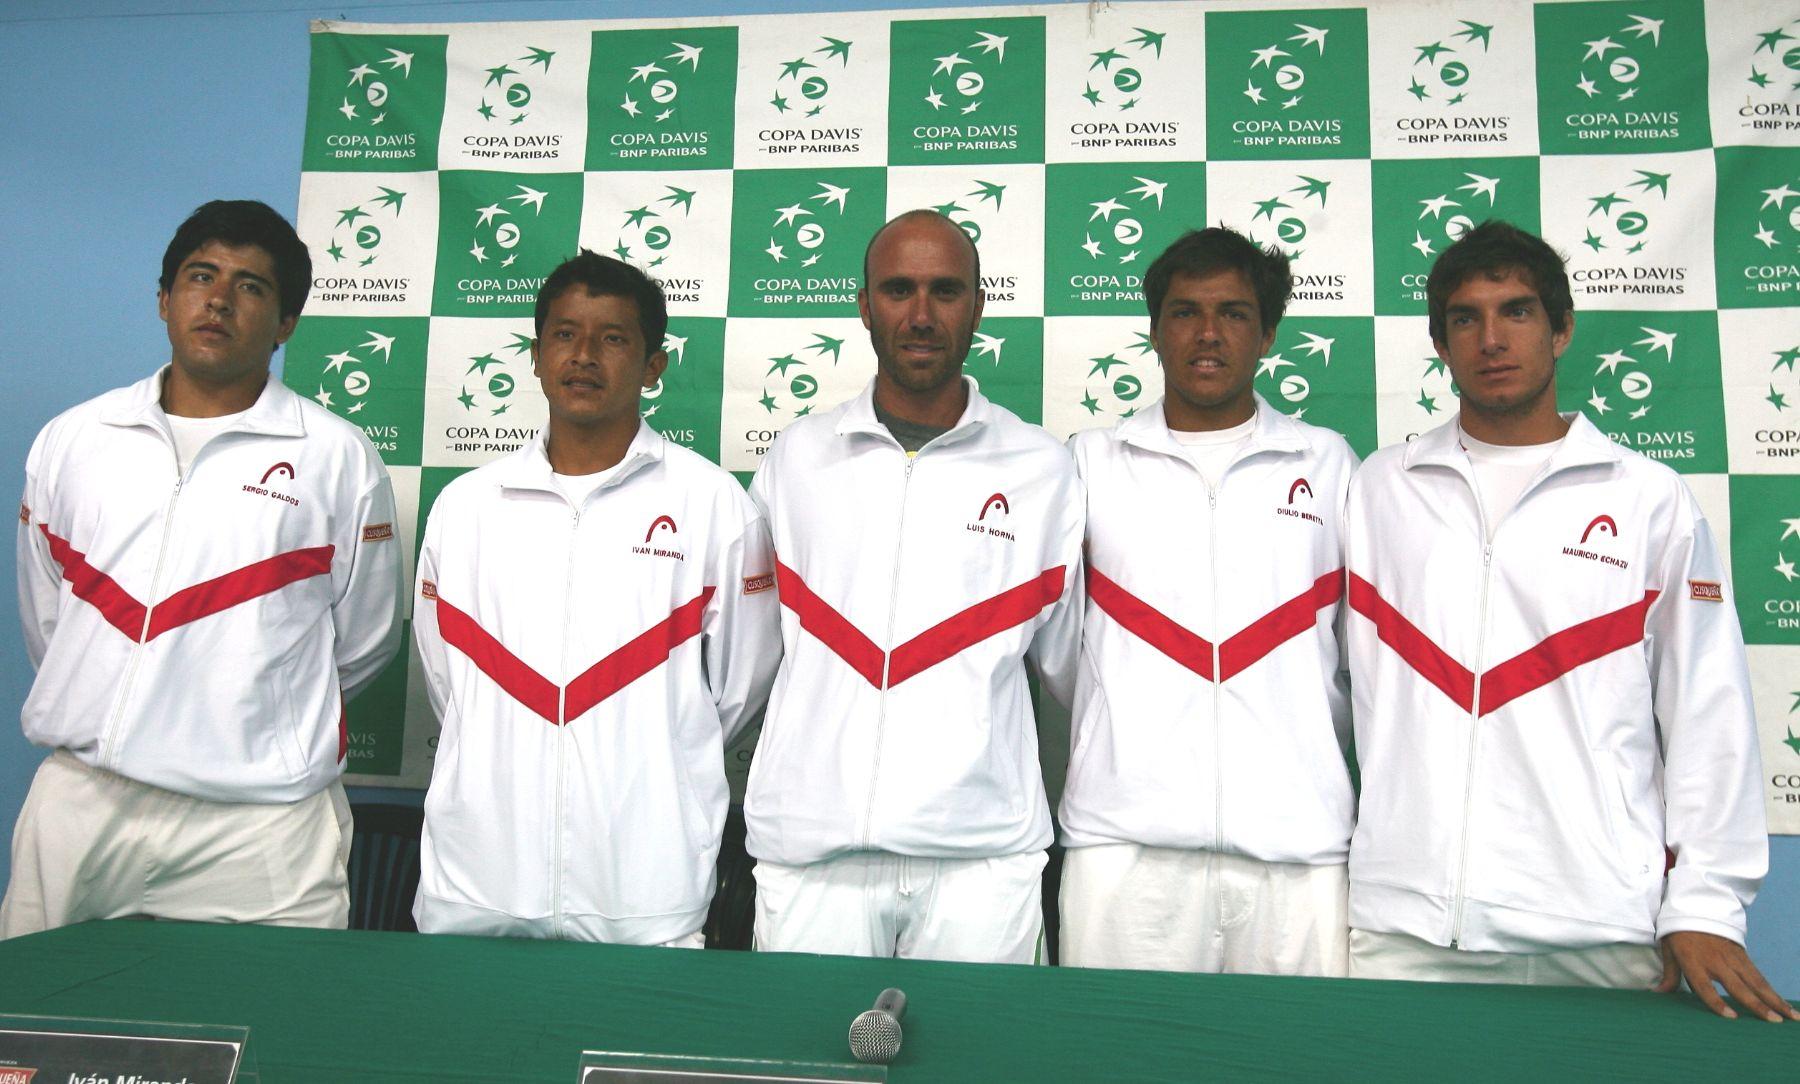 Conferencia de prensa del equipo peruano de tenis que participará en Copa Davis. ANDINA / Victor Palomino.